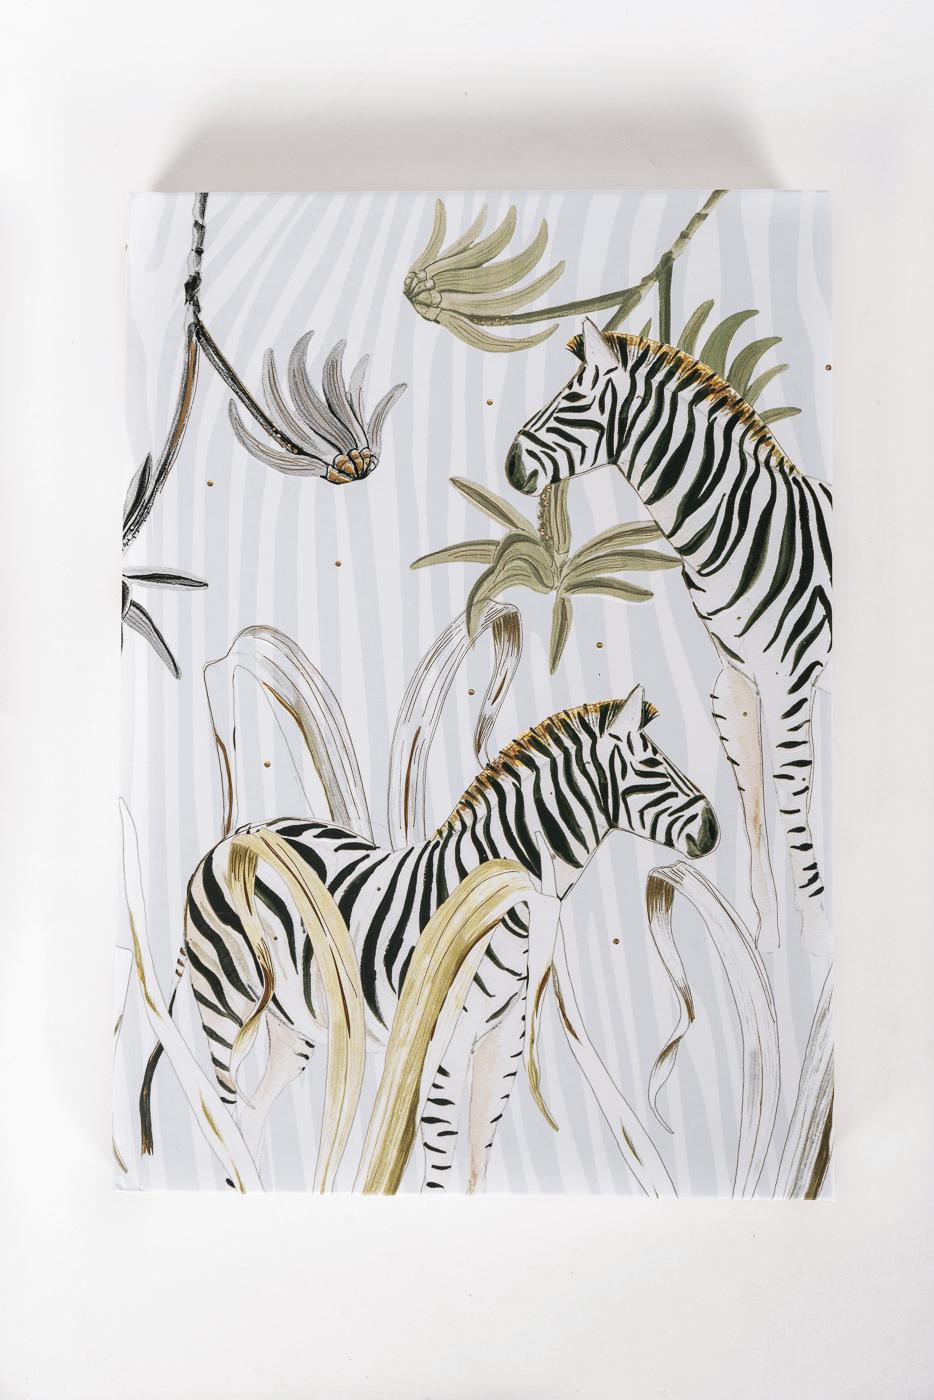 Notizbuch Wild Life, Zebra